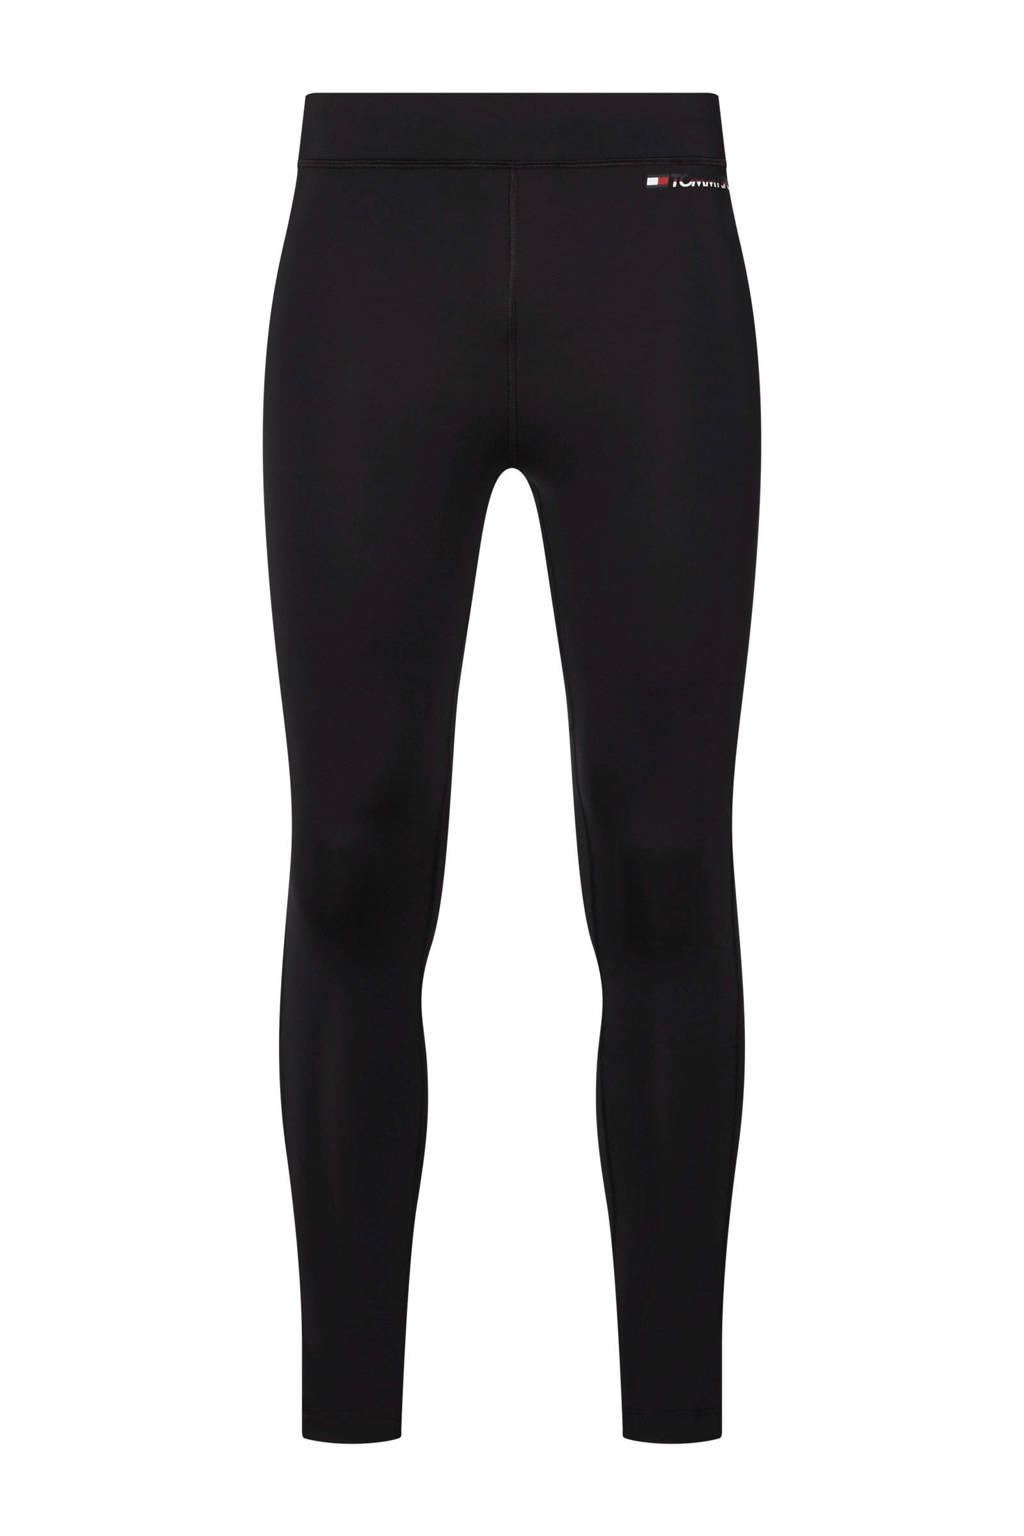 Tommy Hilfiger Sport   legging zwart, Zwart